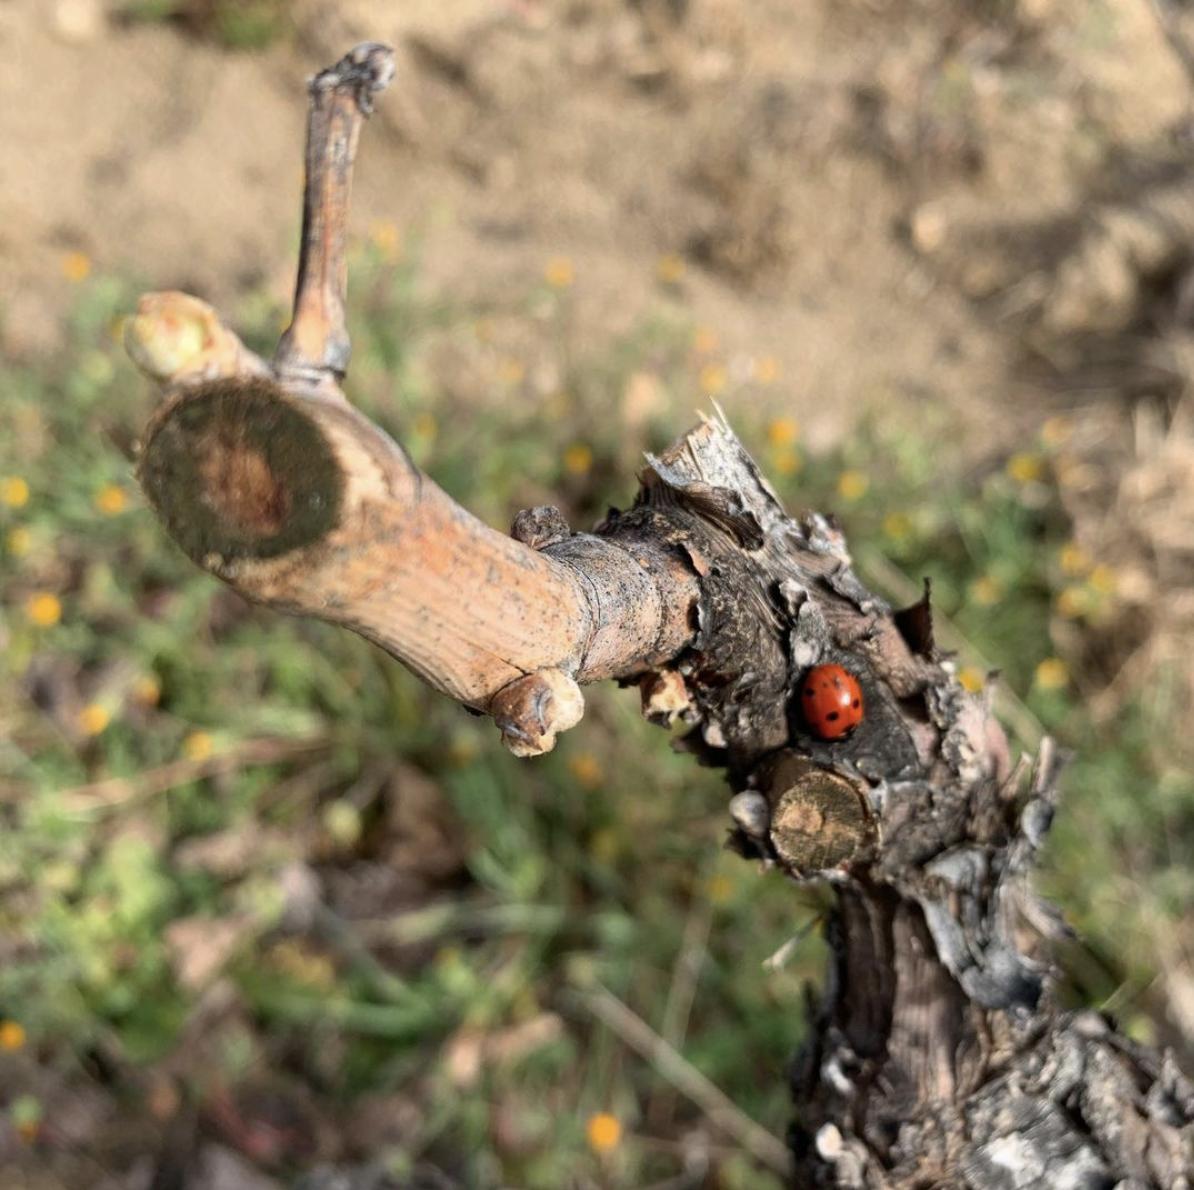 Soto Manrique - totselecta, vins i gourmet